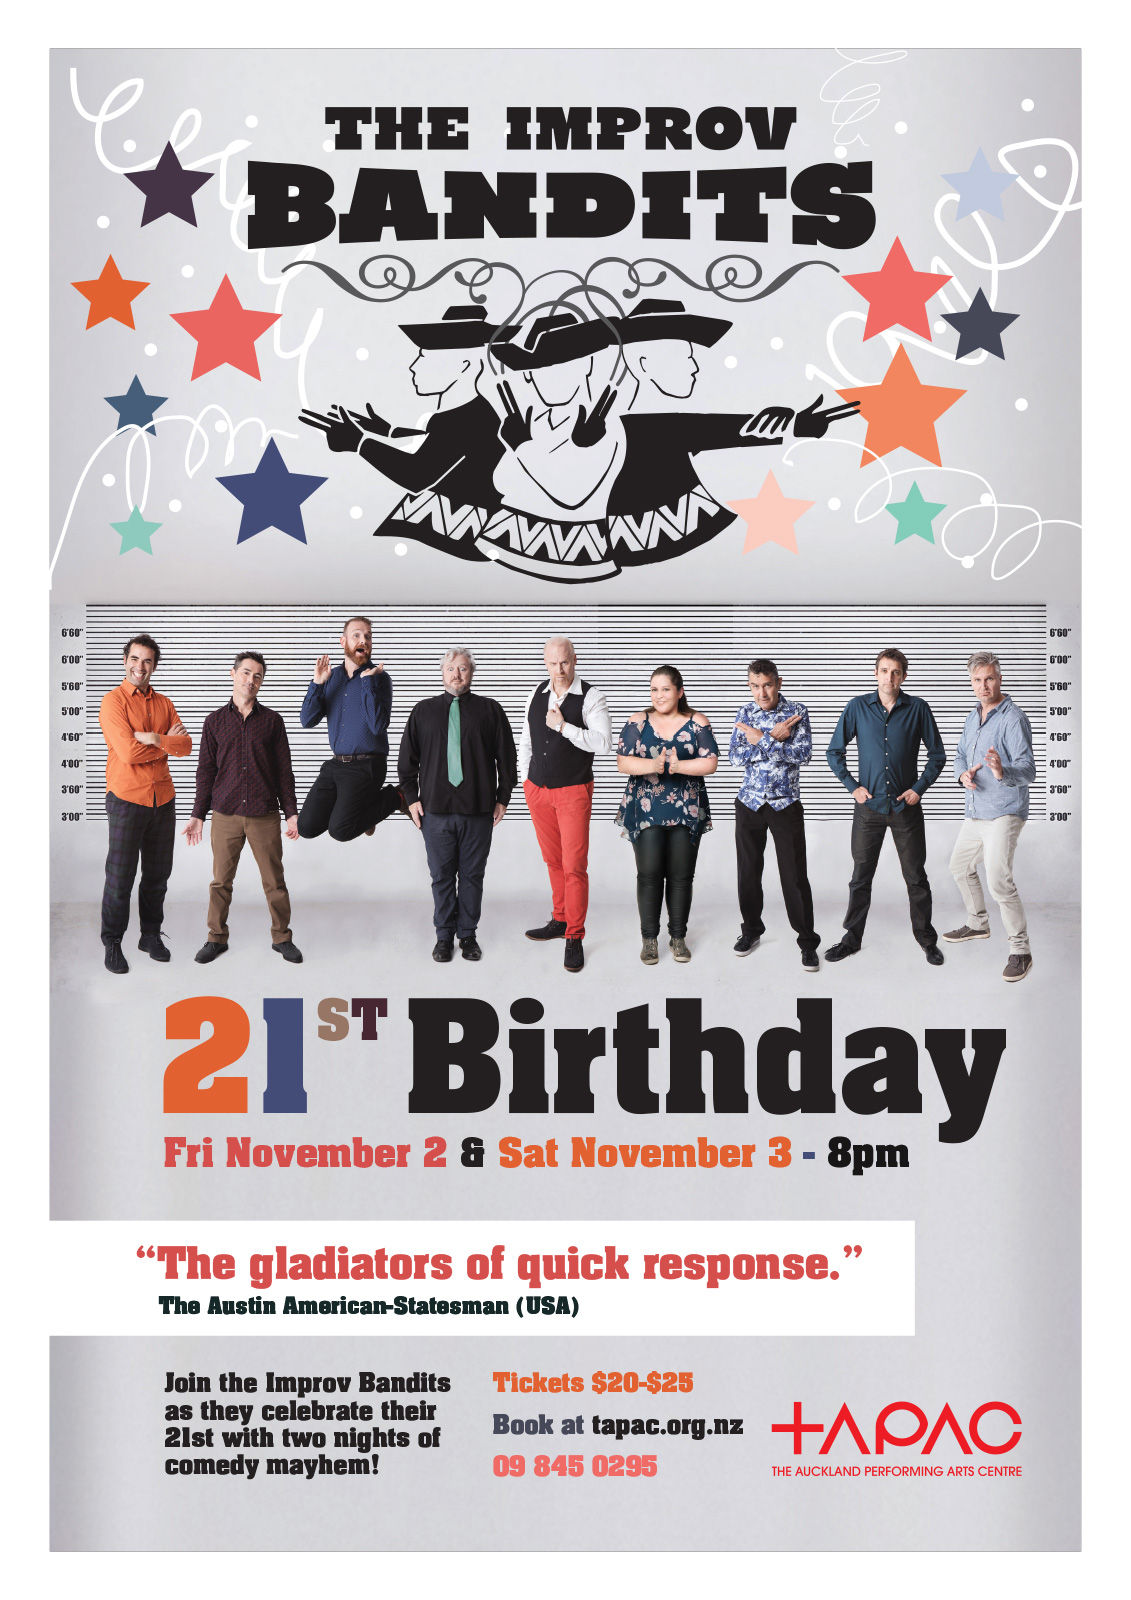 bandits-21st-birthday-poster-v2.jpg